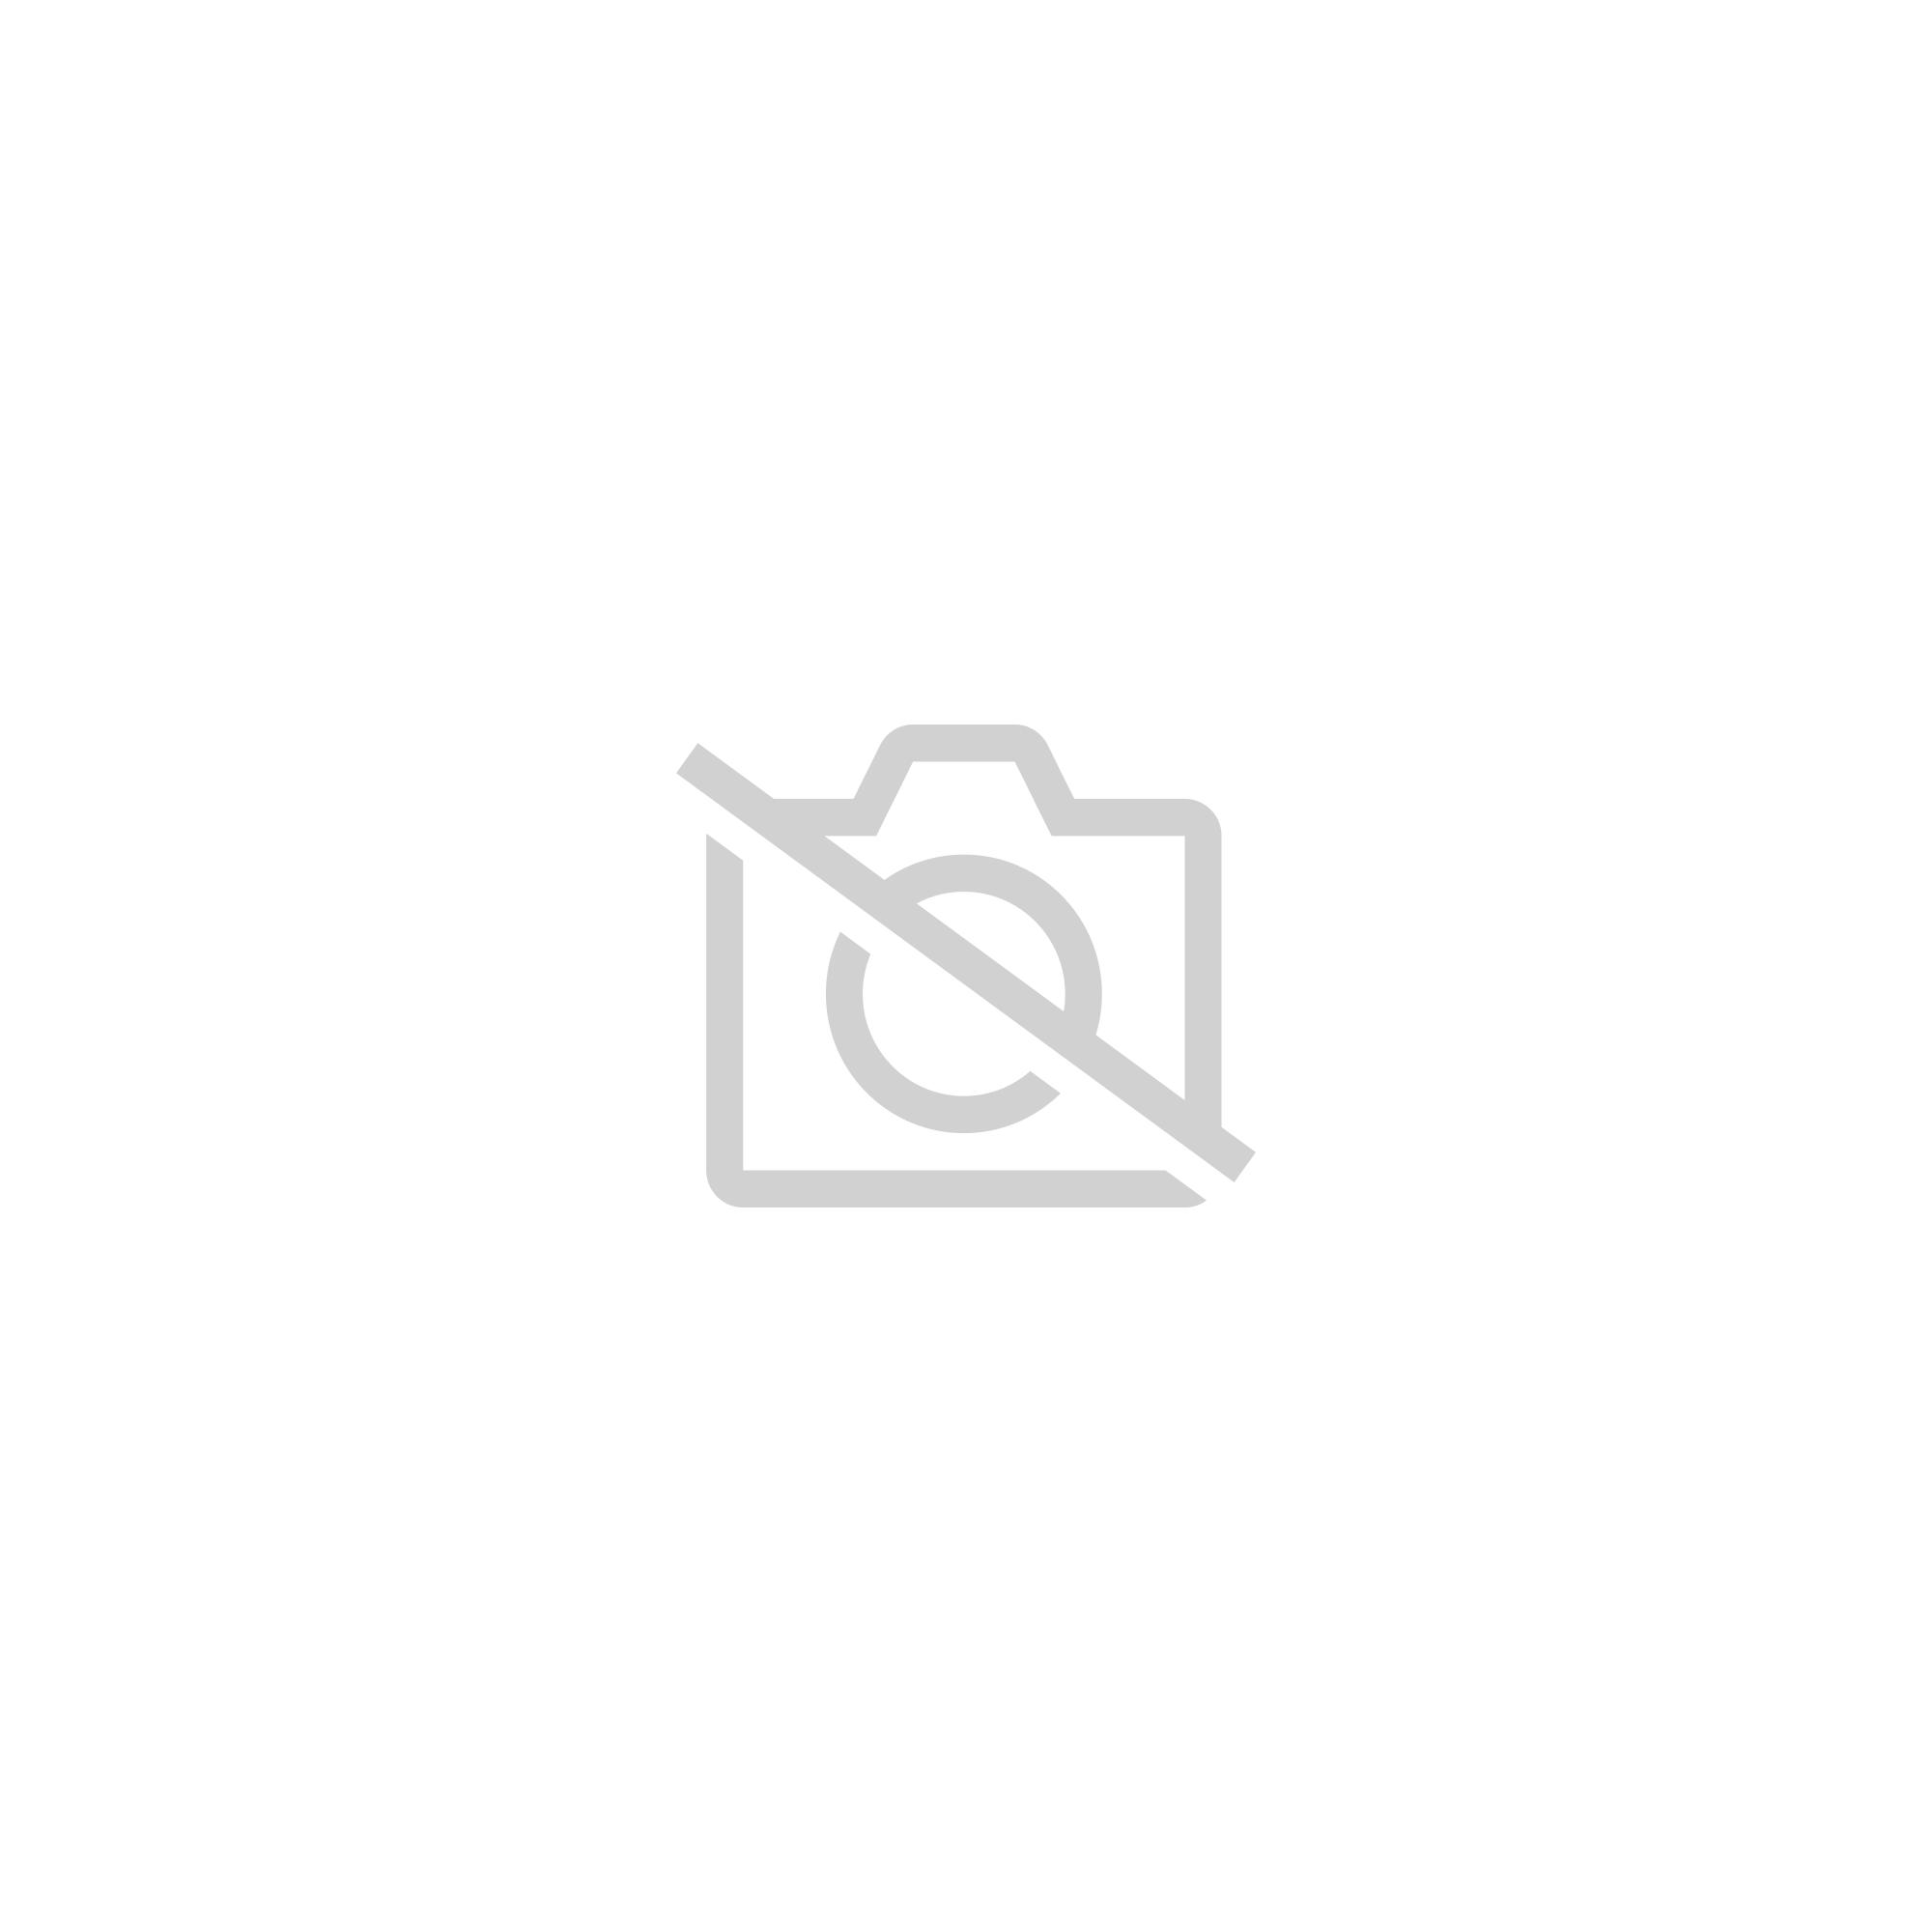 0.87 ''Oled Montre Intelligente Pression Artérielle/Moniteur De Fréquence Cardiaque Fitness Bracelet Android Ios Smart Band Bracelet Sport Smartwatch